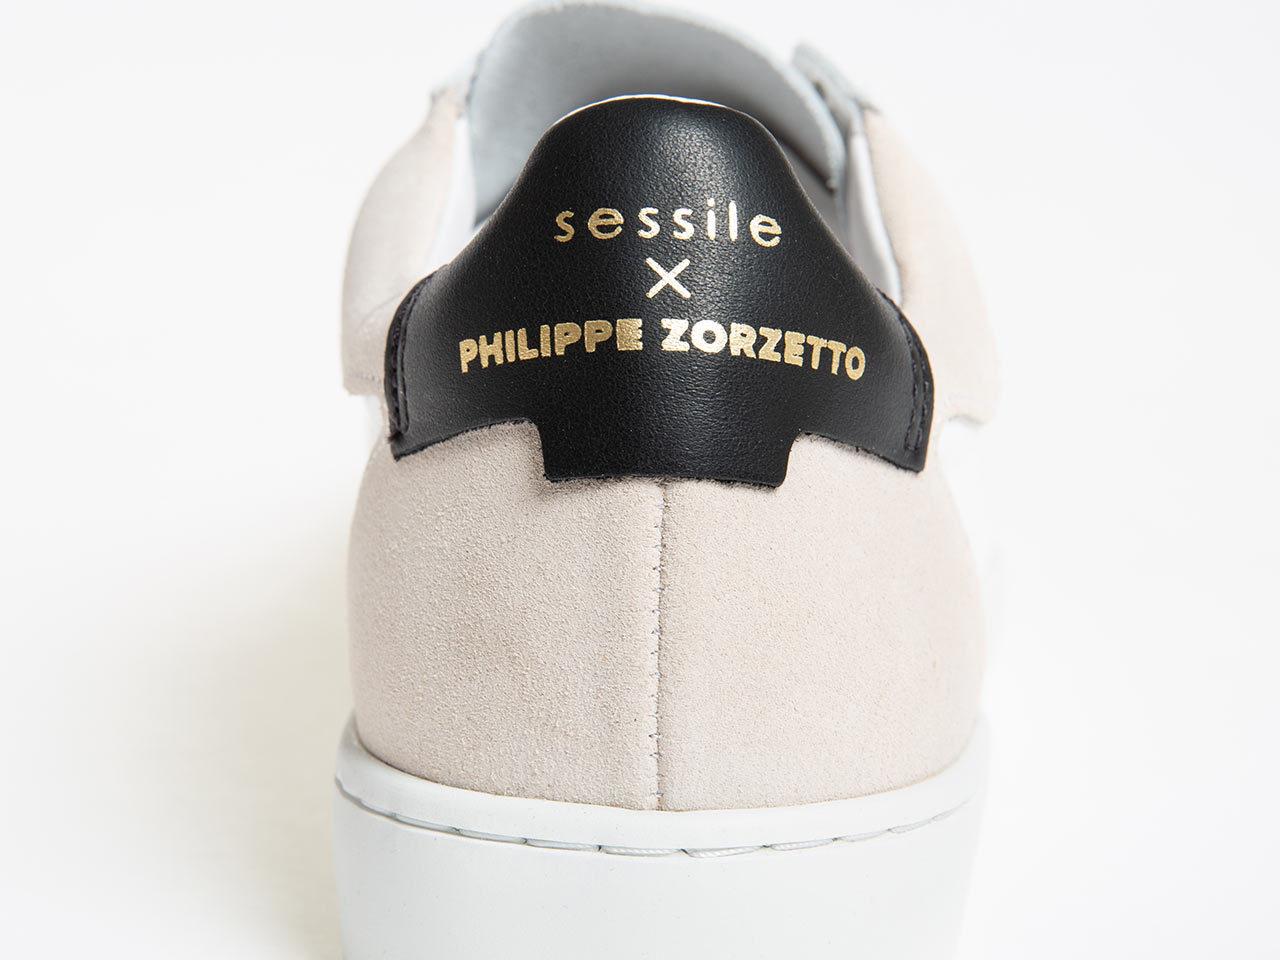 Philippe Zorzetto Collaboration sessile sneaker